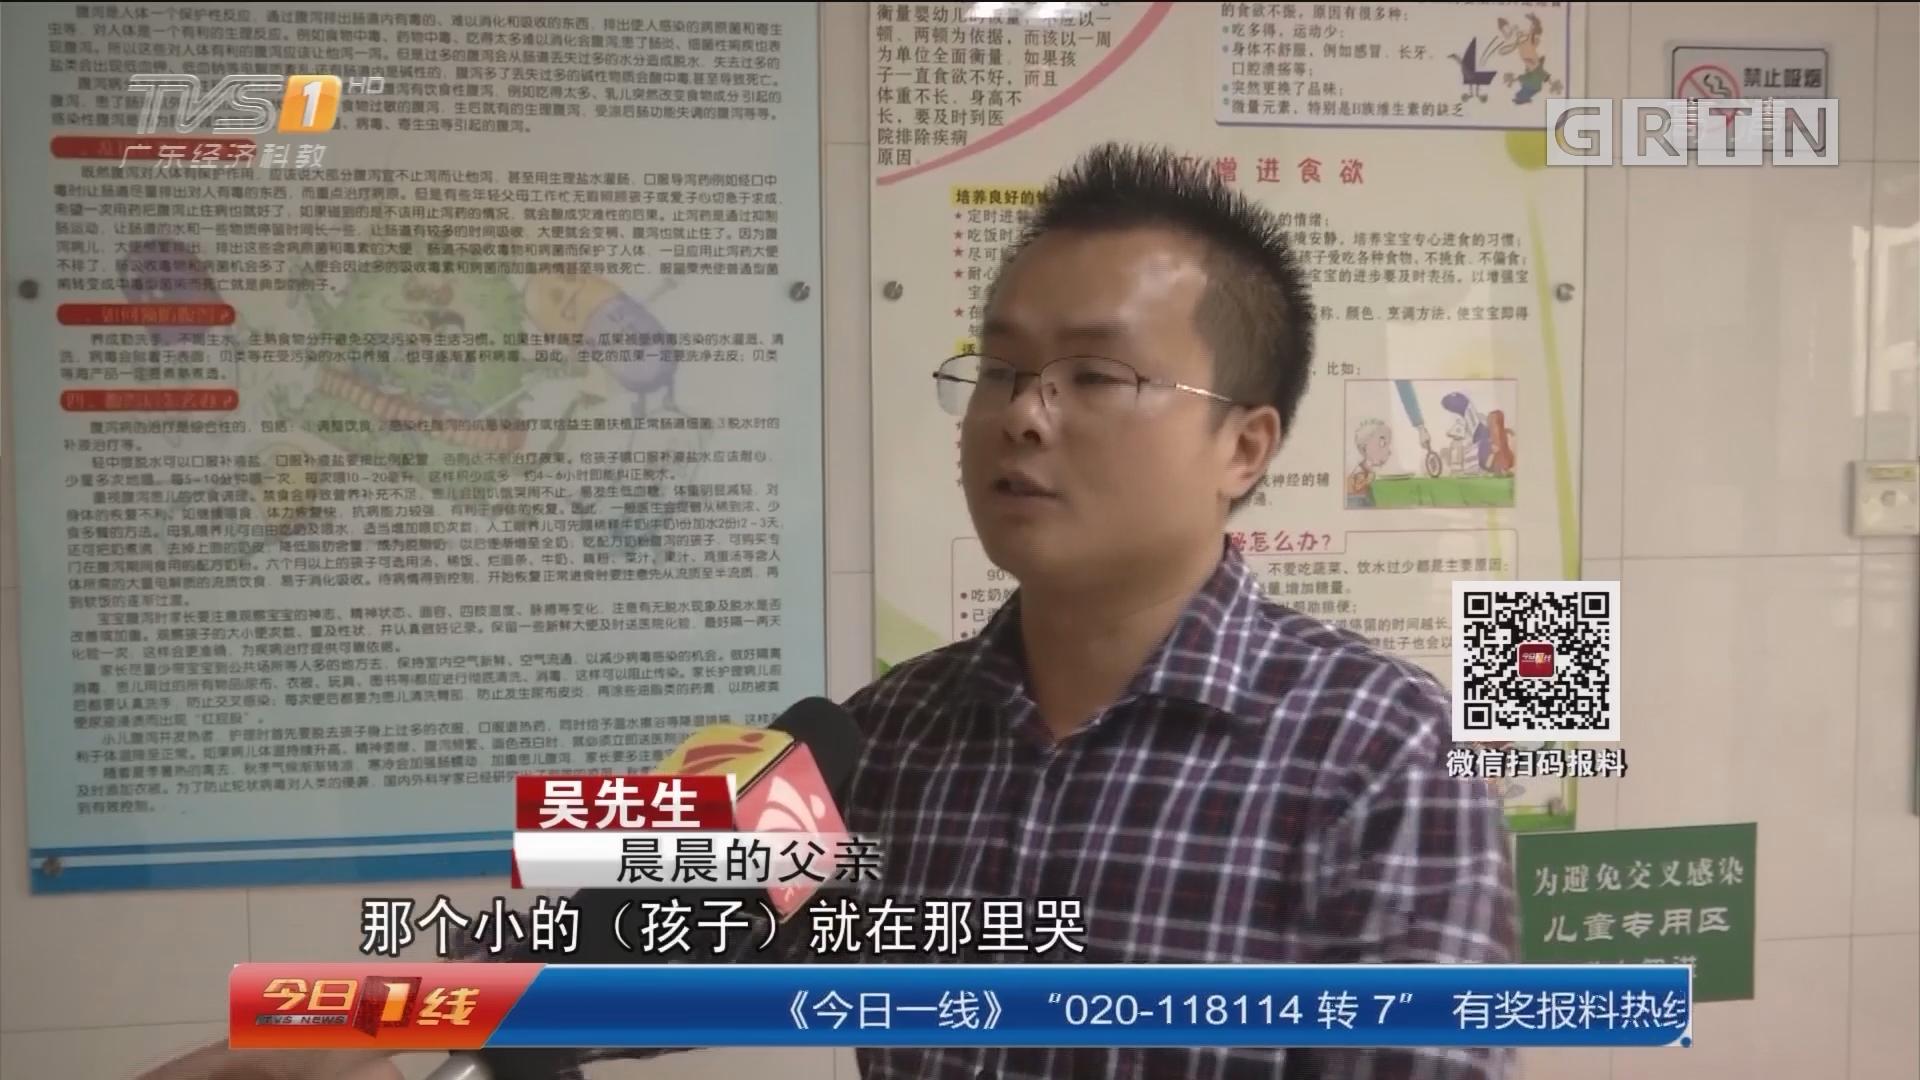 深圳:全城搜寻 原来3岁男孩捉迷藏掉沟里